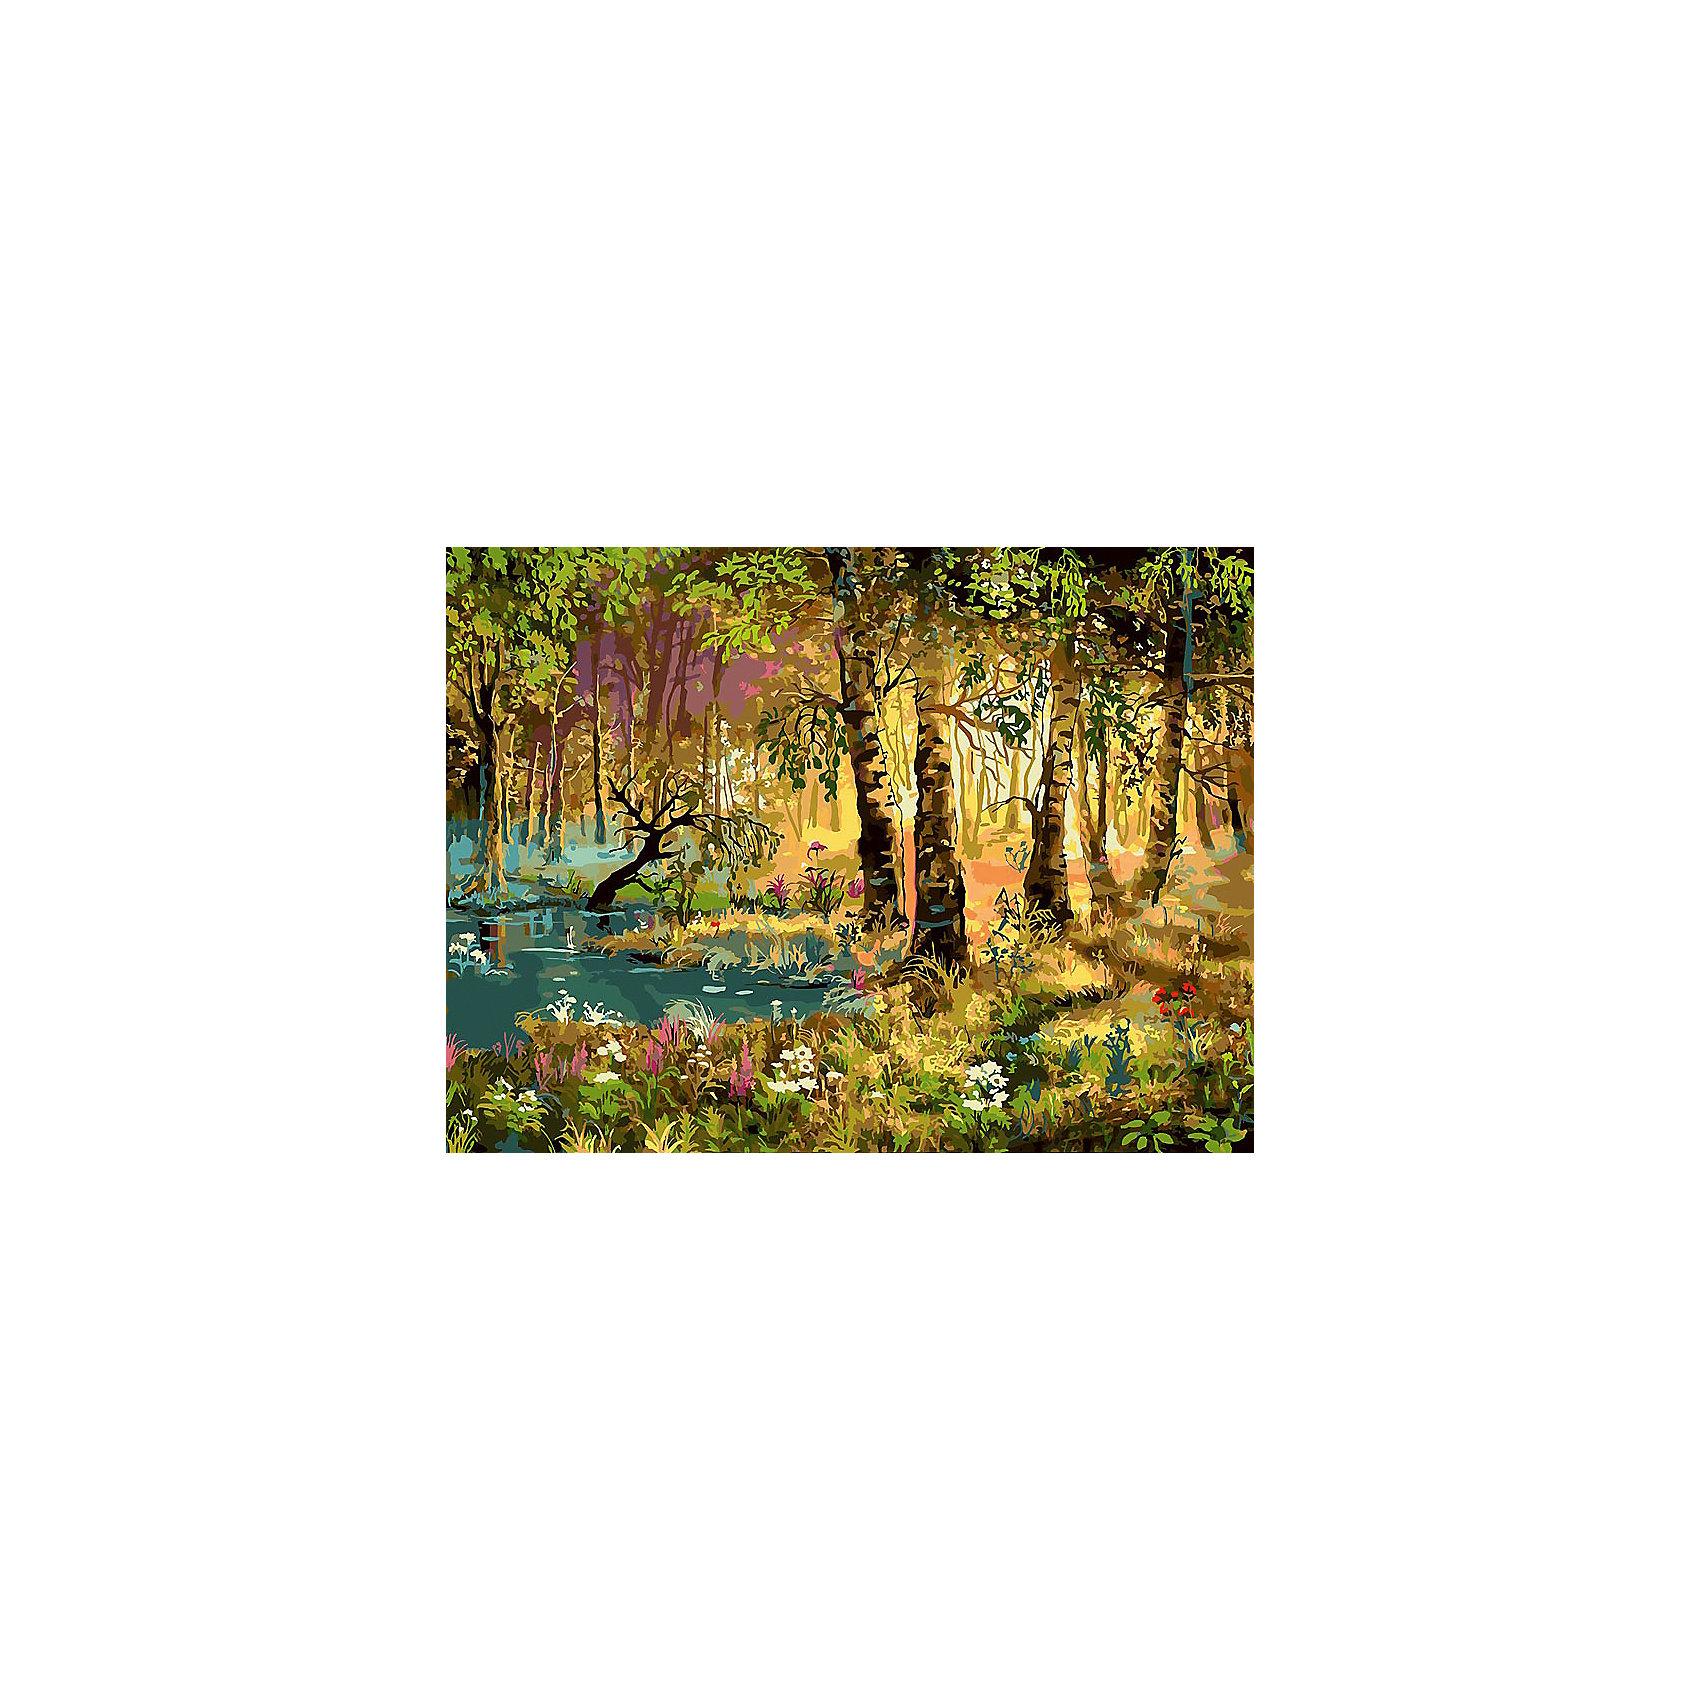 Живопись на холсте 30*40 см Утро в лесуРисование<br>Характеристики товара:<br><br>• цвет: разноцветный<br>• материал: акрил, картон<br>• размер: 30 x 40 см<br>• комплектация: полотно на подрамнике с контурами рисунка, пробный лист с рисунком, набор акриловых красок, три кисти, крепление на стену для картины<br>• для детей от шести лет и взрослых<br>• не требует специальных навыков<br>• страна бренда: Китай<br>• страна изготовитель: Китай<br><br>Рисование - это занятие, которое любят многие дети и взрослые. Оно помогает развить важные навыки и просто приносит удовольствие! Чтобы вселить в ребенка уверенность в своих силах, можно предложить ему этот набор - в нем уже есть сюжет, контуры рисунка и участки с номерами, которые обозначают определенную краску из набора. Все оттенки уже готовы, задача художника - аккуратно, с помощью кисточек из набора, нанести краски на определенный участок полотна.<br>Взрослым также понравится этот процесс, рисовать можно и вместе с малышом! В итоге получается красивая картина, которой можно украсить интерьер. Рисование способствует развитию мелкой моторики, воображения, цветовосприятия, творческих способностей и усидчивости. Набор отлично проработан, сделан из качественных и проверенных материалов, которые безопасны для детей. Краски - акриловые, они быстро сохнут и легко смываются с кожи.<br><br>Живопись на холсте 30*40 см Утро в лесу от торговой марки Белоснежка можно купить в нашем интернет-магазине.<br><br>Ширина мм: 410<br>Глубина мм: 310<br>Высота мм: 25<br>Вес г: 567<br>Возраст от месяцев: 72<br>Возраст до месяцев: 144<br>Пол: Унисекс<br>Возраст: Детский<br>SKU: 5089656